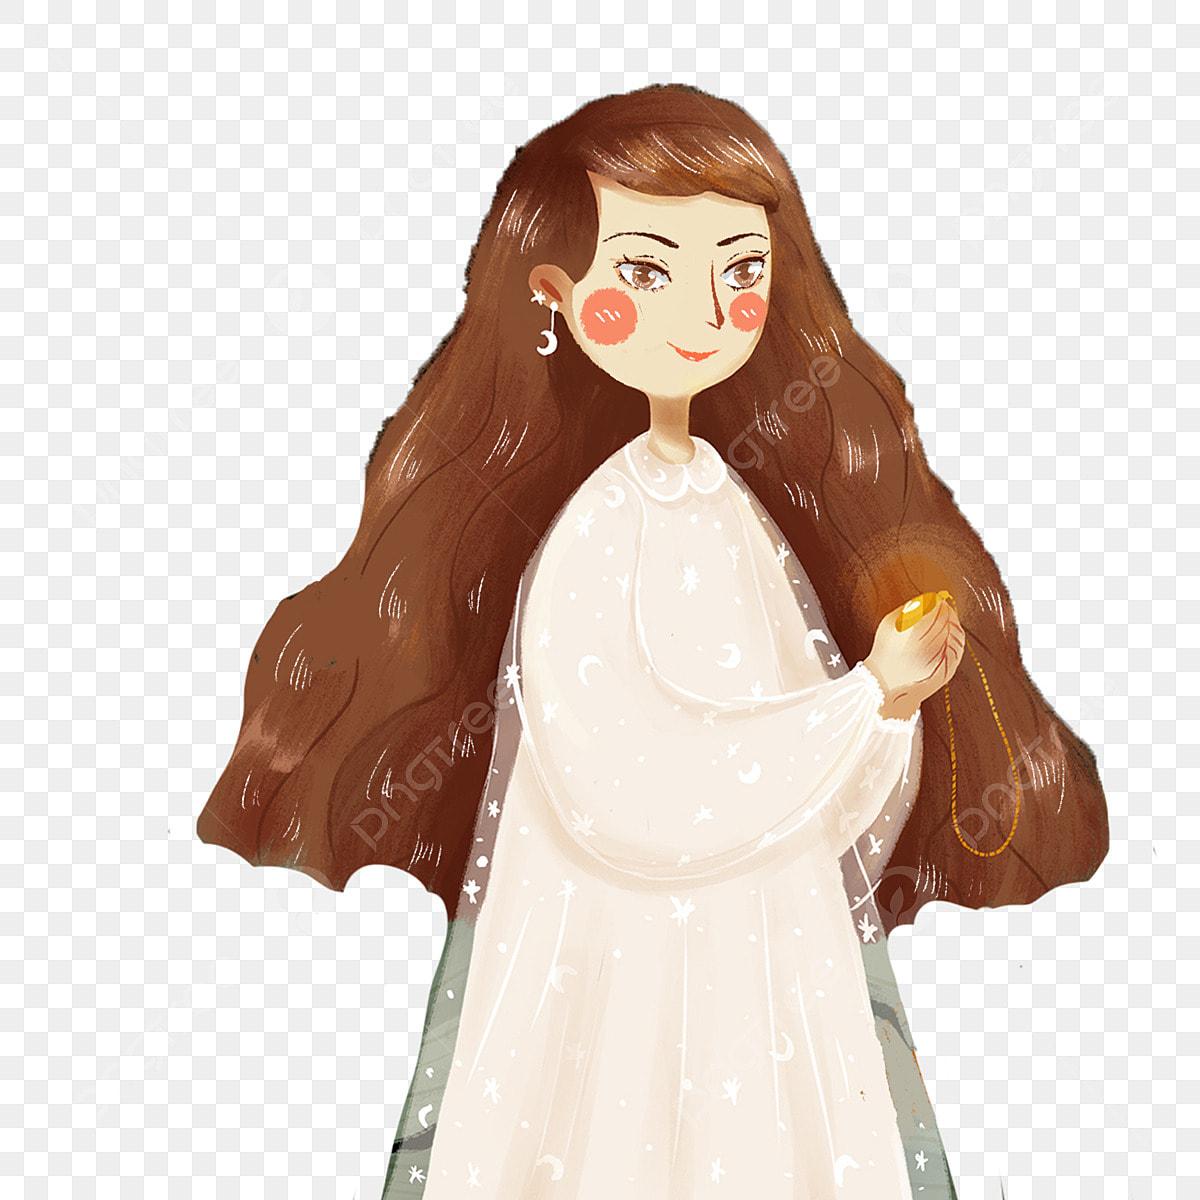 Gambar Kartun Wanita Rambut Panjang Gambar Hari Dewi Hari Wanita Wanita Kartun Kecantikan Rambut Panjang Panjang Muat Turun Png Kartun Png Dan Psd Untuk Muat Turun Percuma